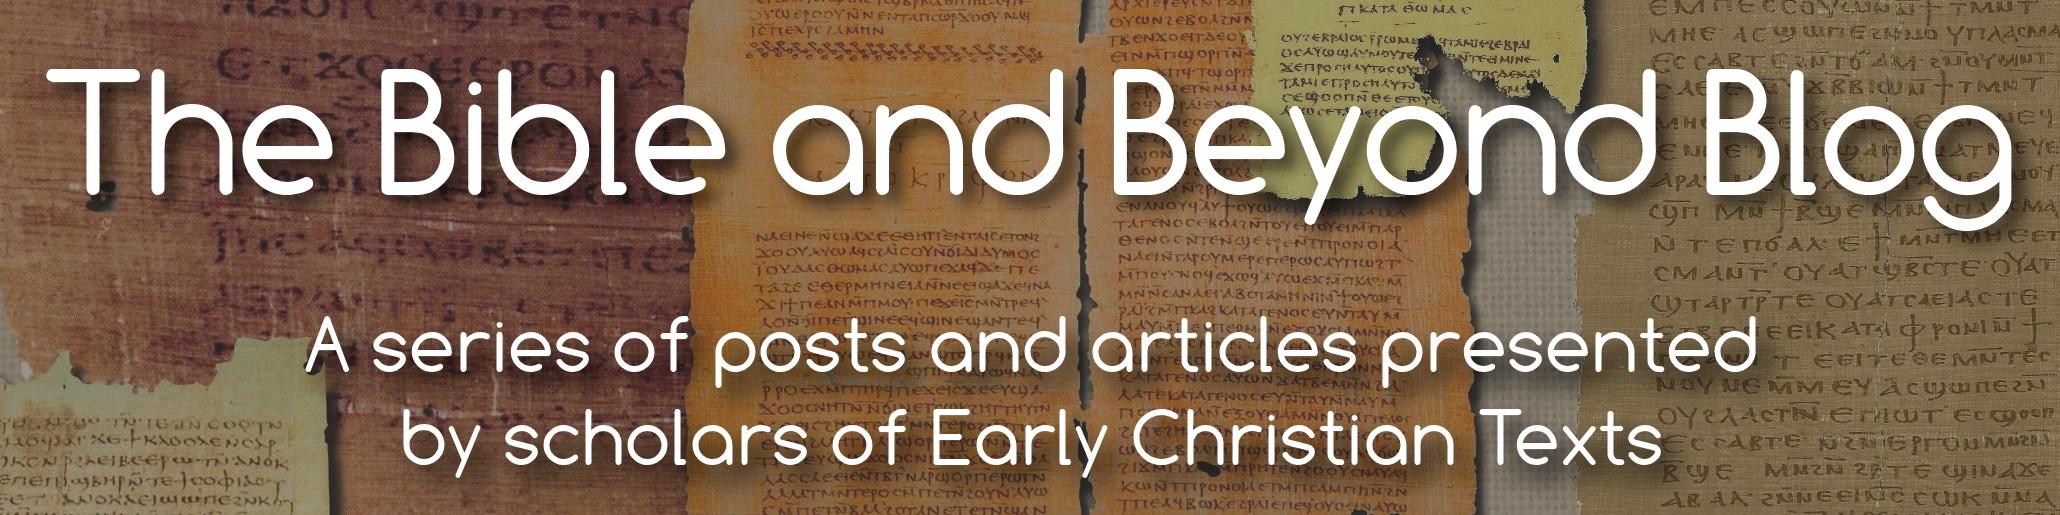 The Bible and Beyond Blog